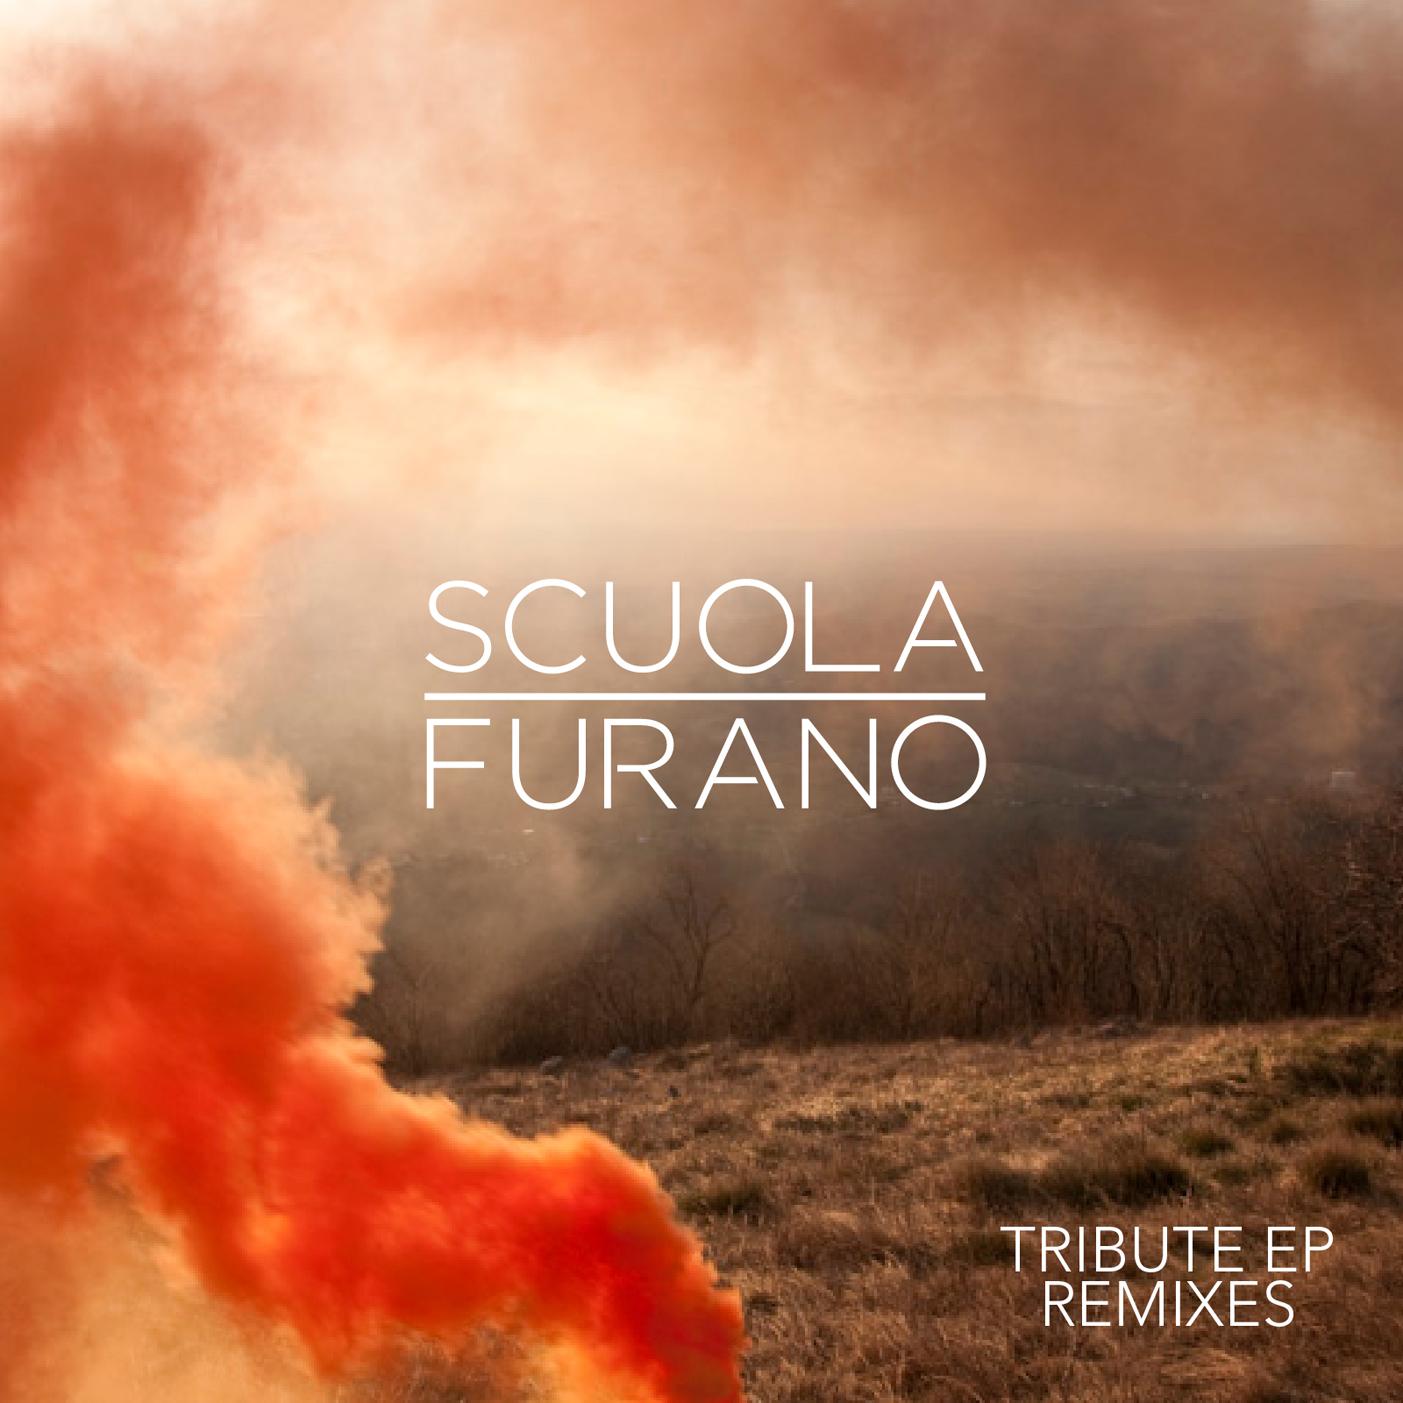 Scuola Furano - Tribute ep Remixes